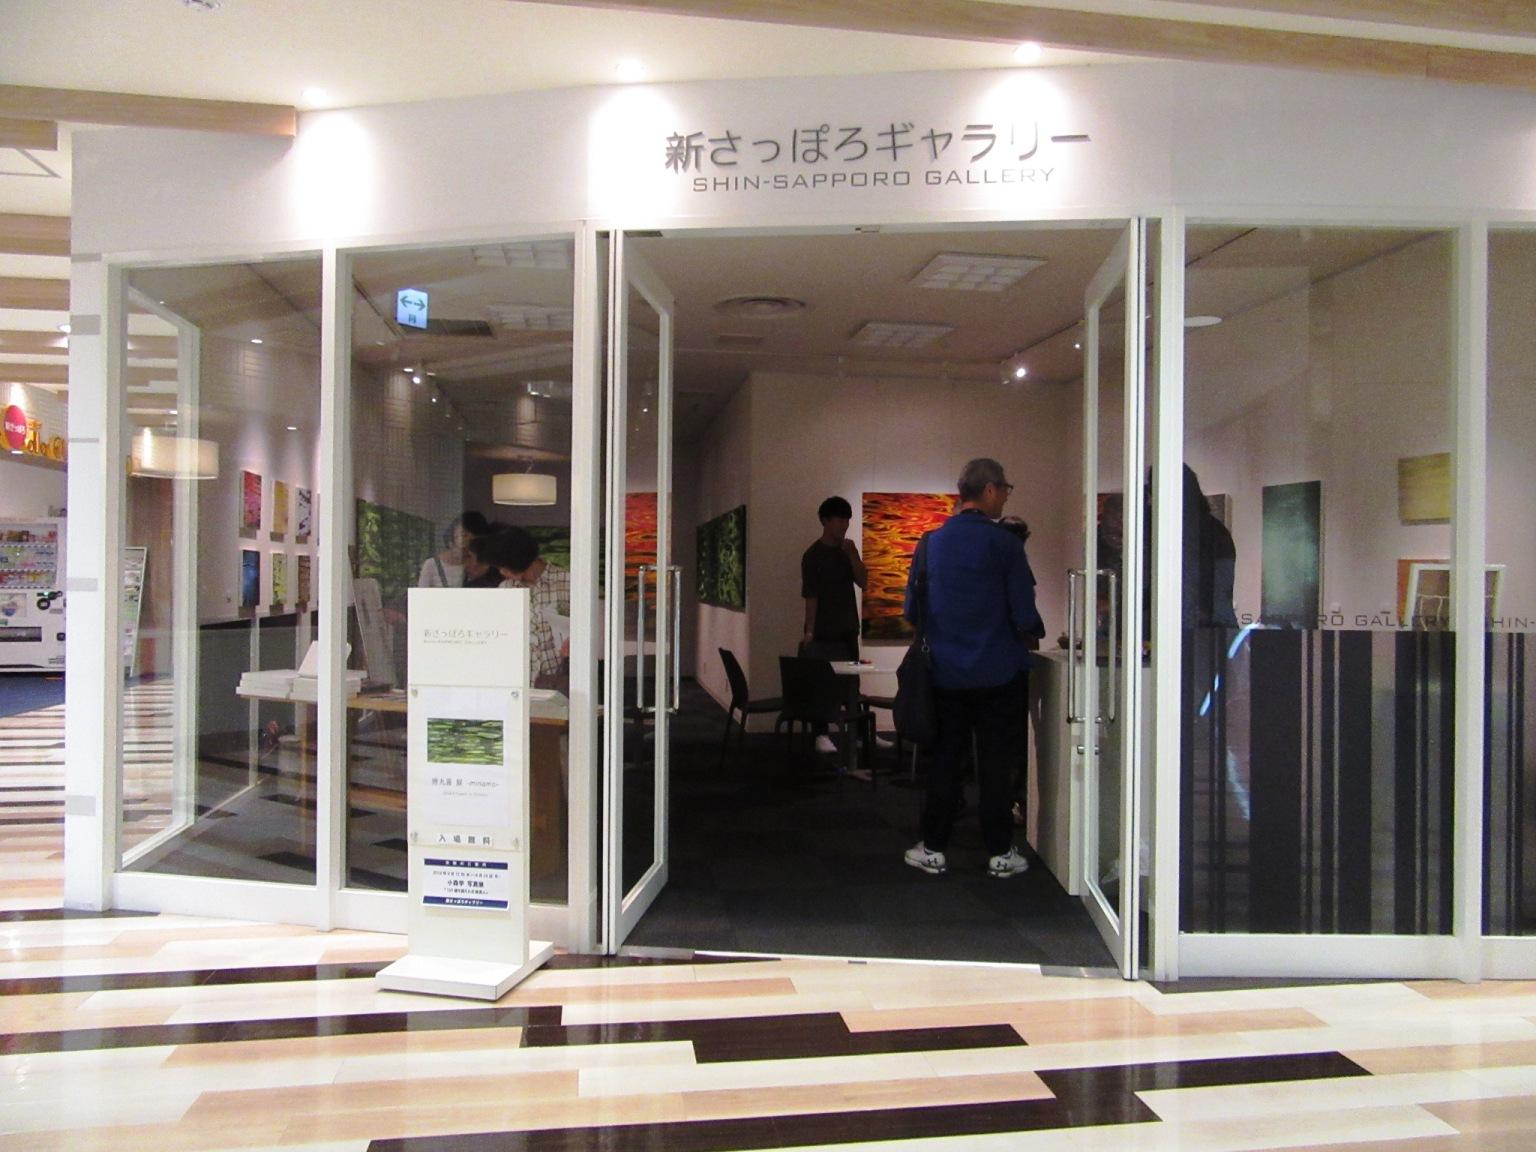 2594)「徳丸晋展 -minamo-」 新さっぽろg. 終了/9月5日(水)~9月10日(月) _f0126829_1105290.jpg